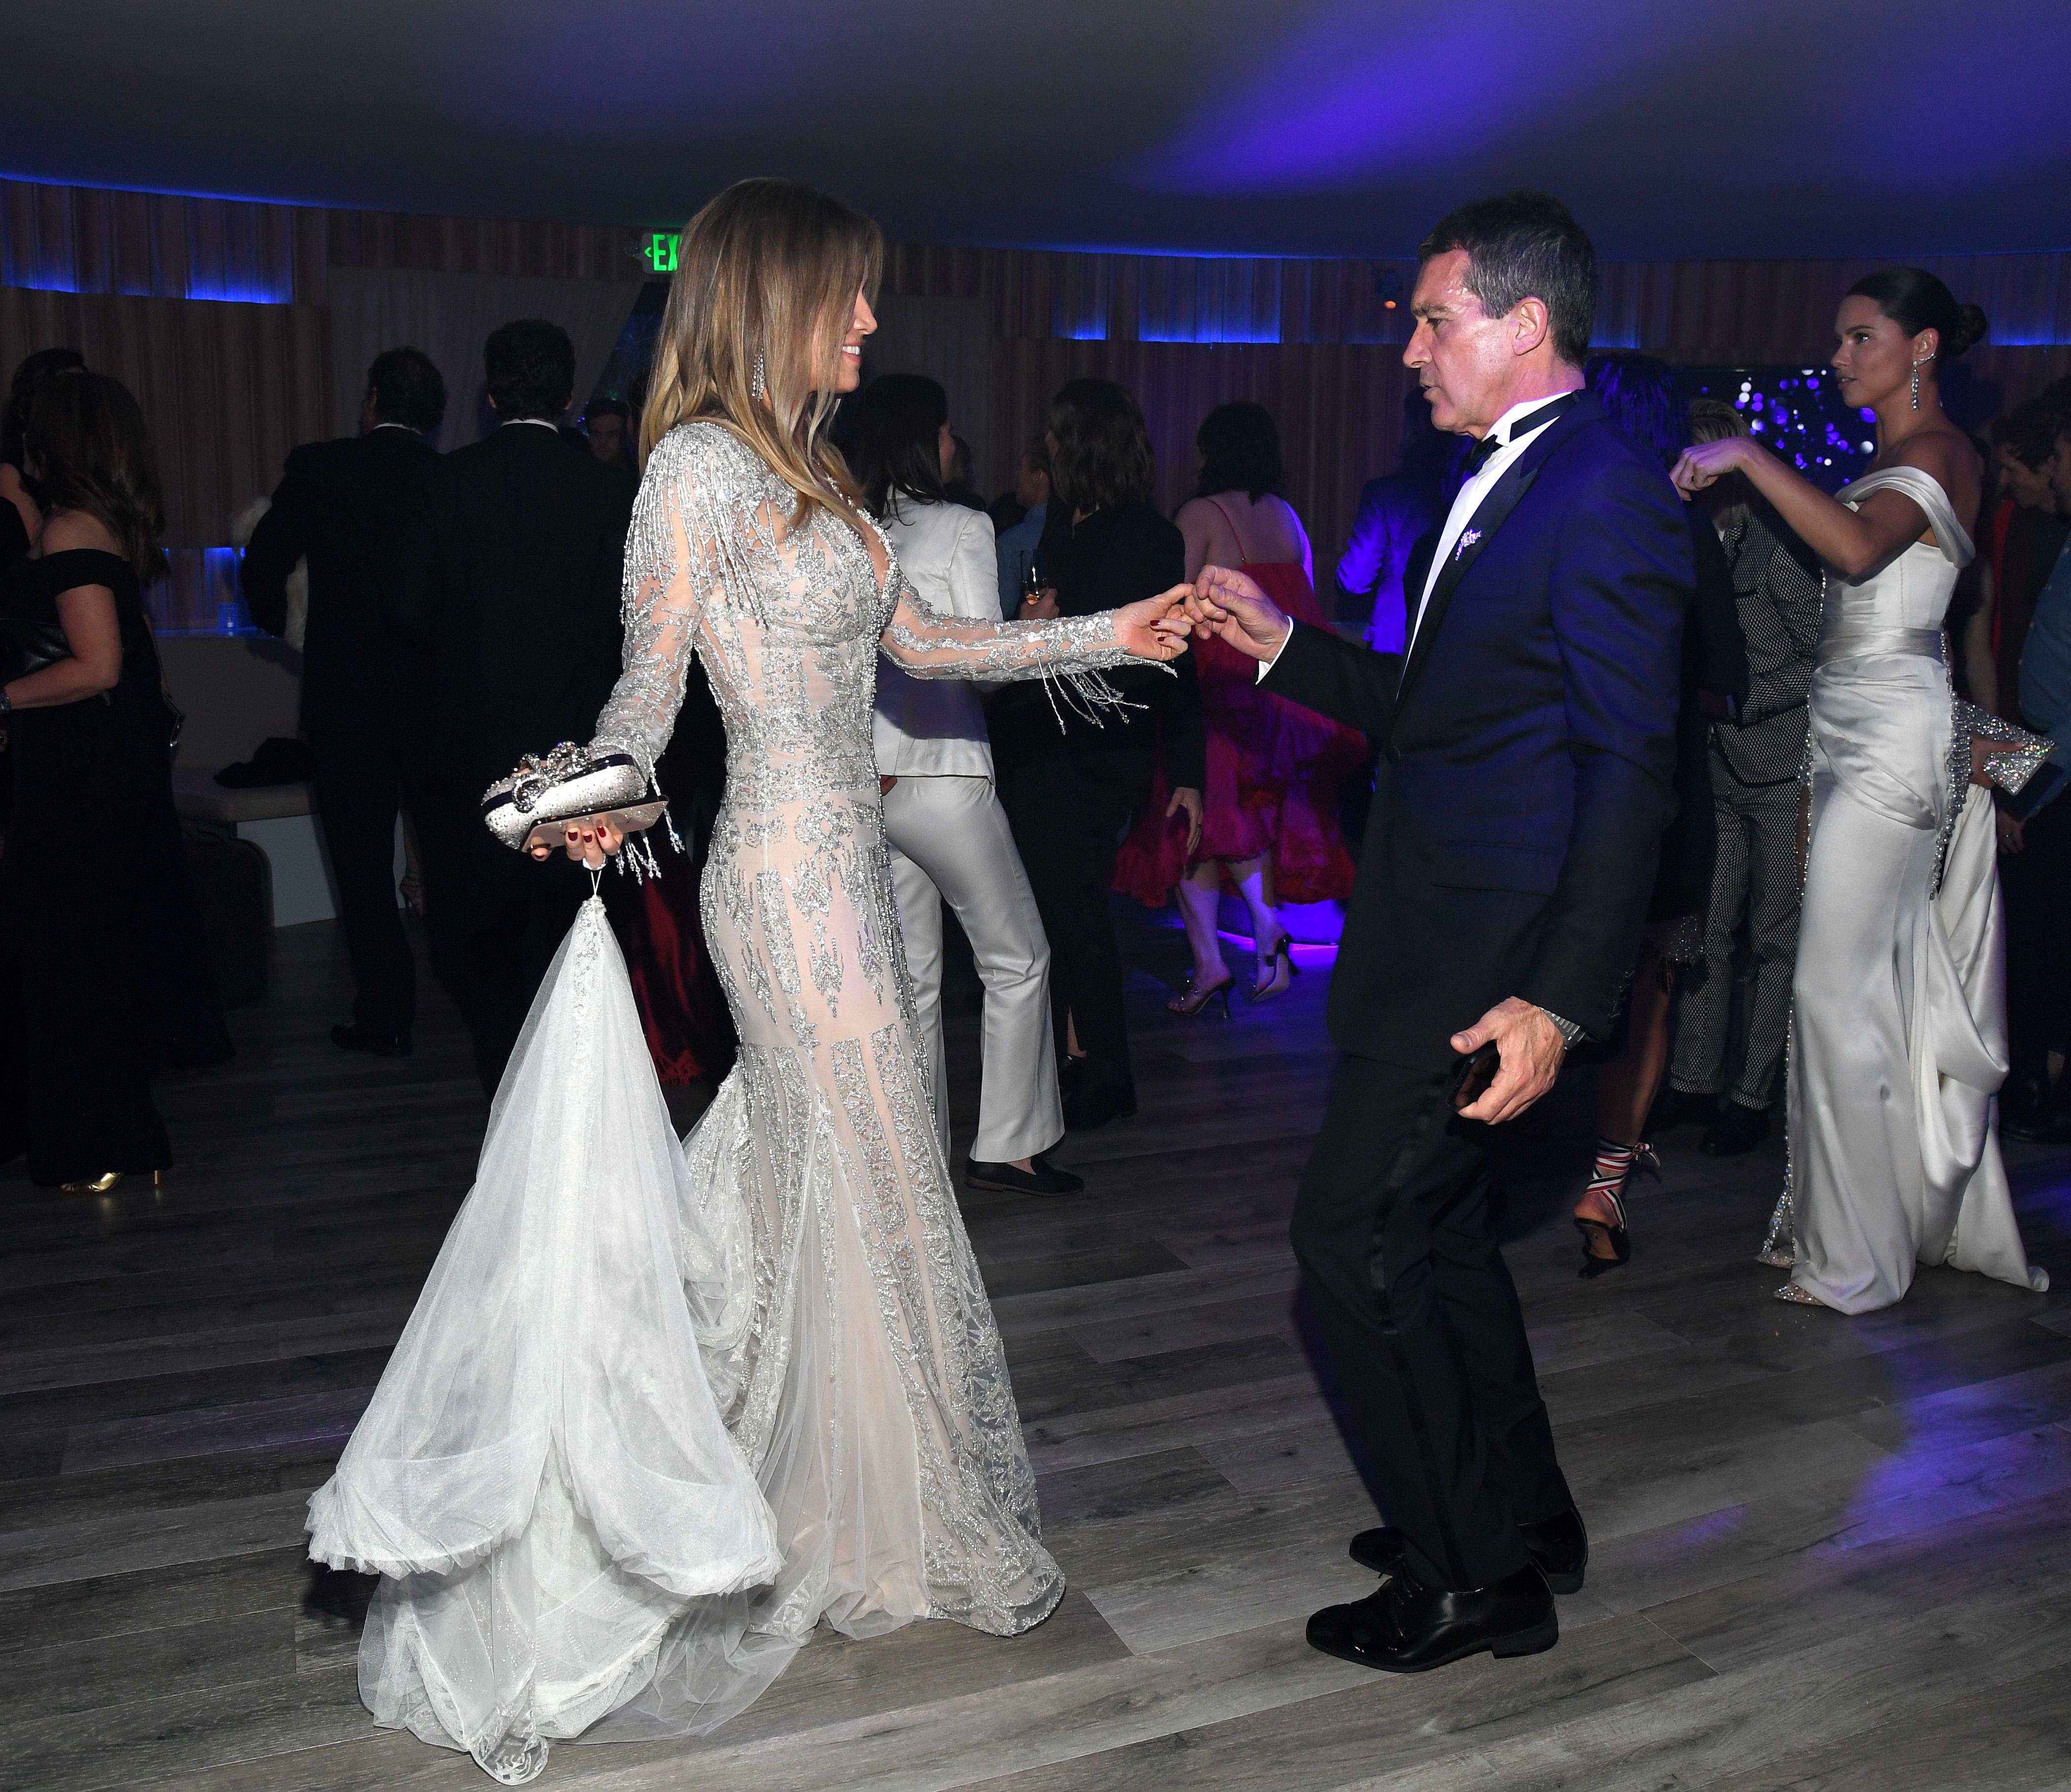 Antonio Banderas, girlfriend Nicole Kimpel